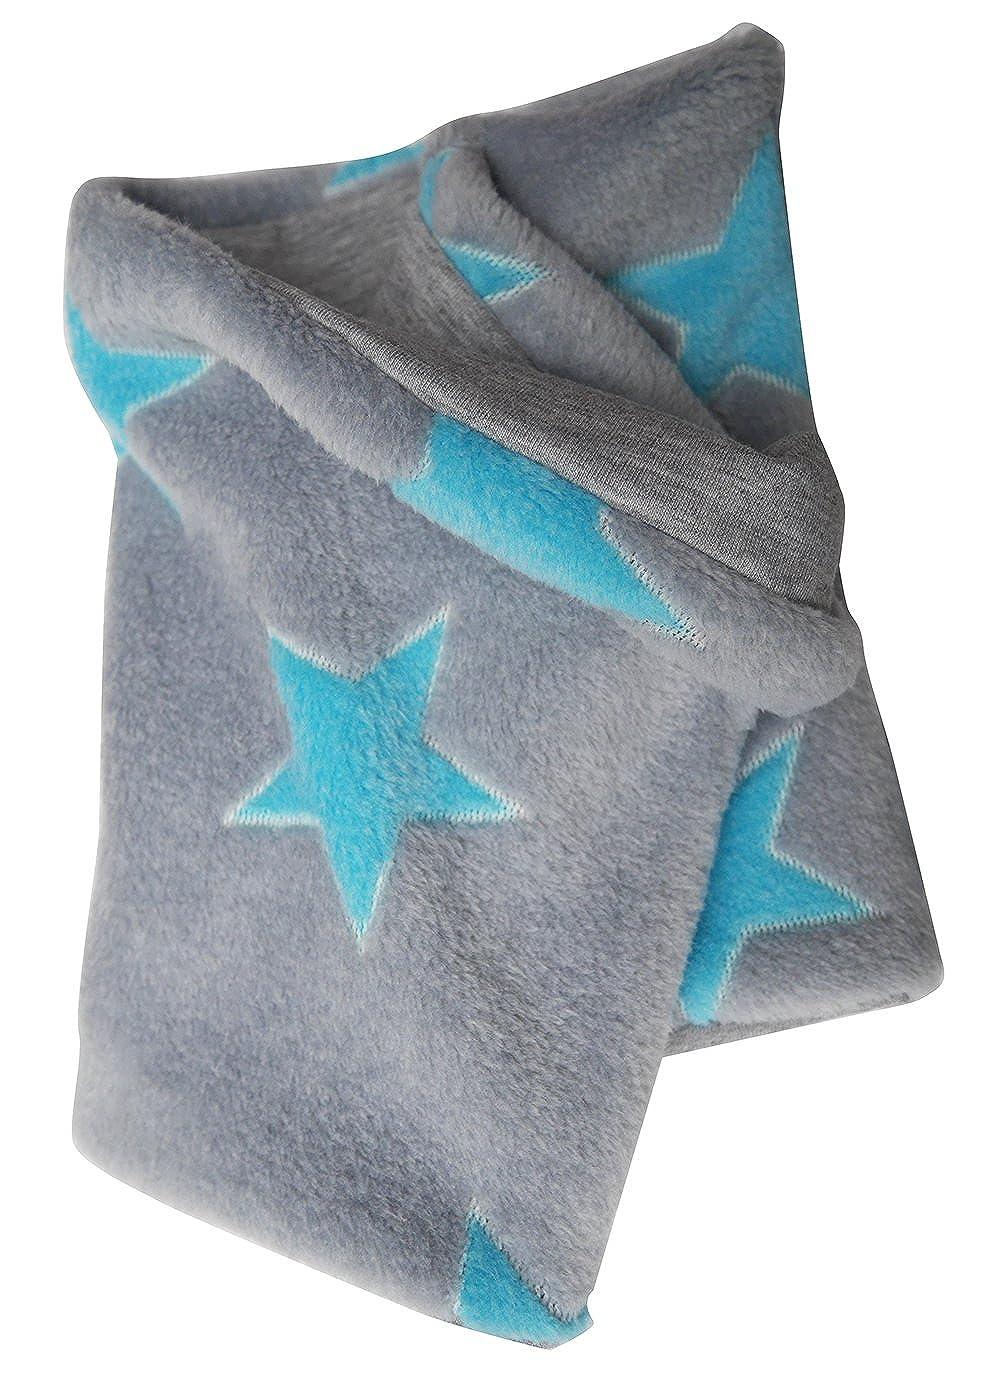 Wollhuhn Warmes Halstuch, Schlupfschal, Schal in grau mit helltürkisen Sternen für Jungen und Mädchen, Wellnessfleece, 20151206